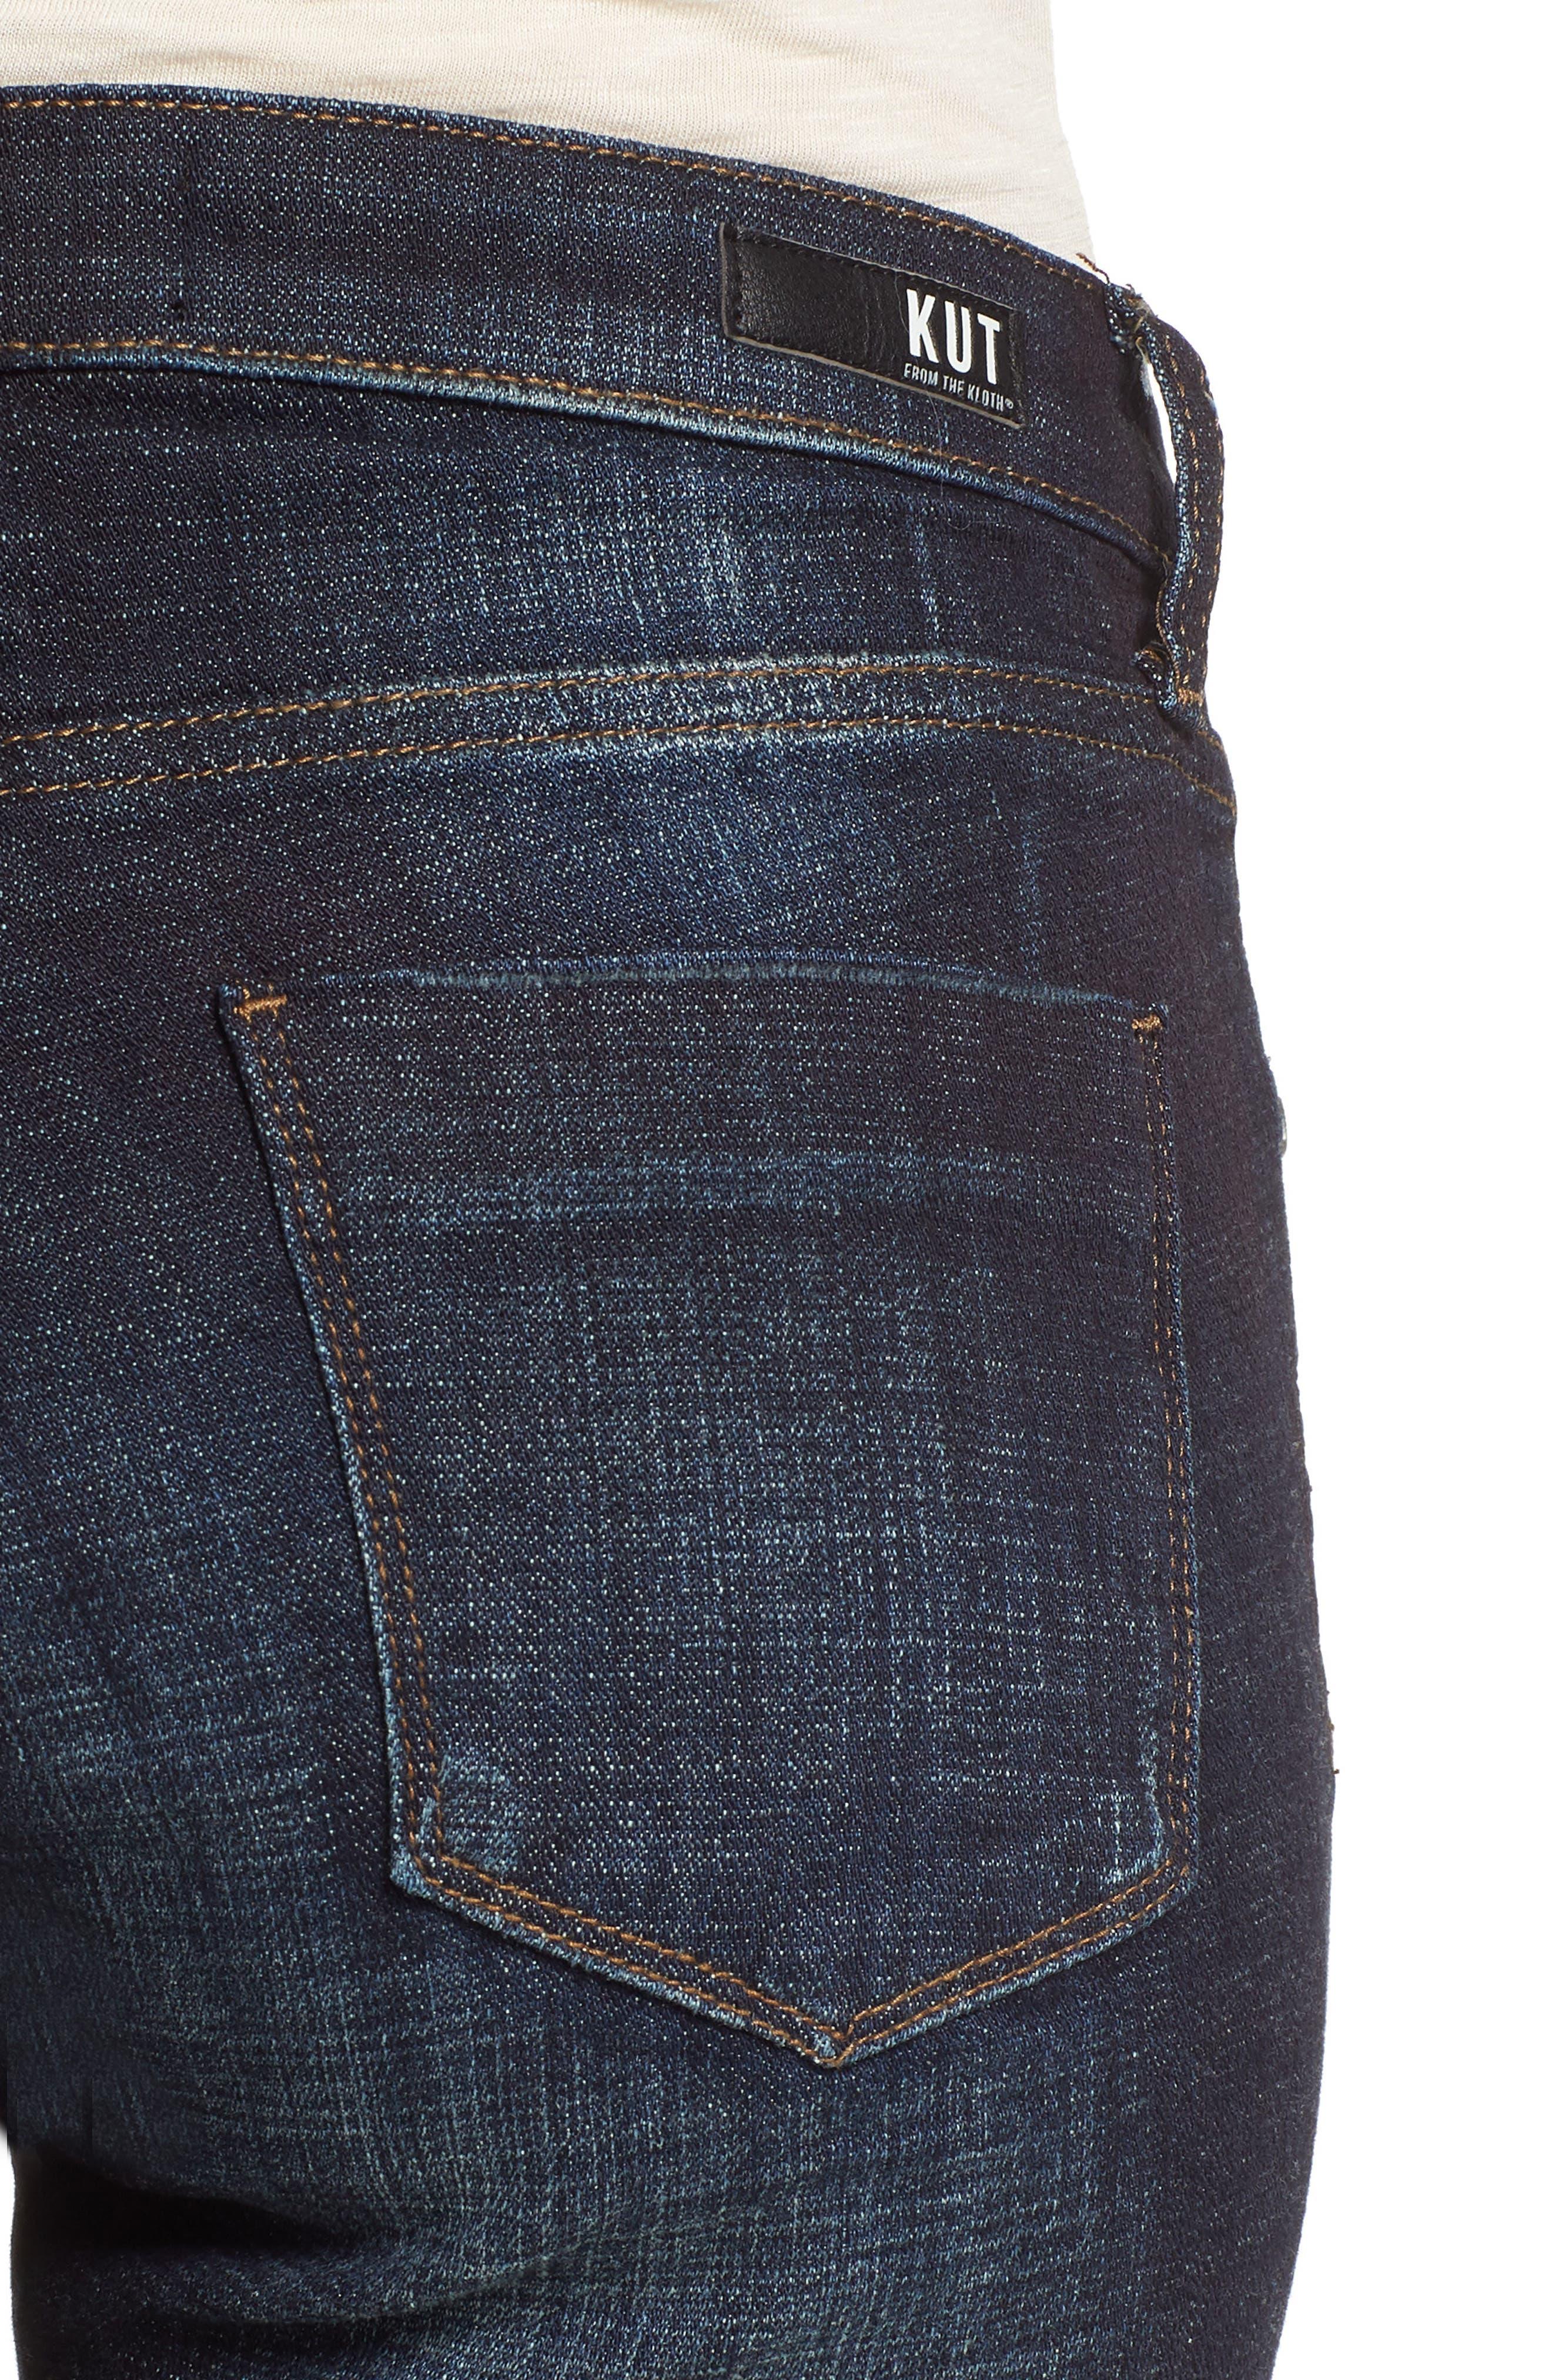 Lauren Crop Jeans,                             Alternate thumbnail 4, color,                             Acknowledging